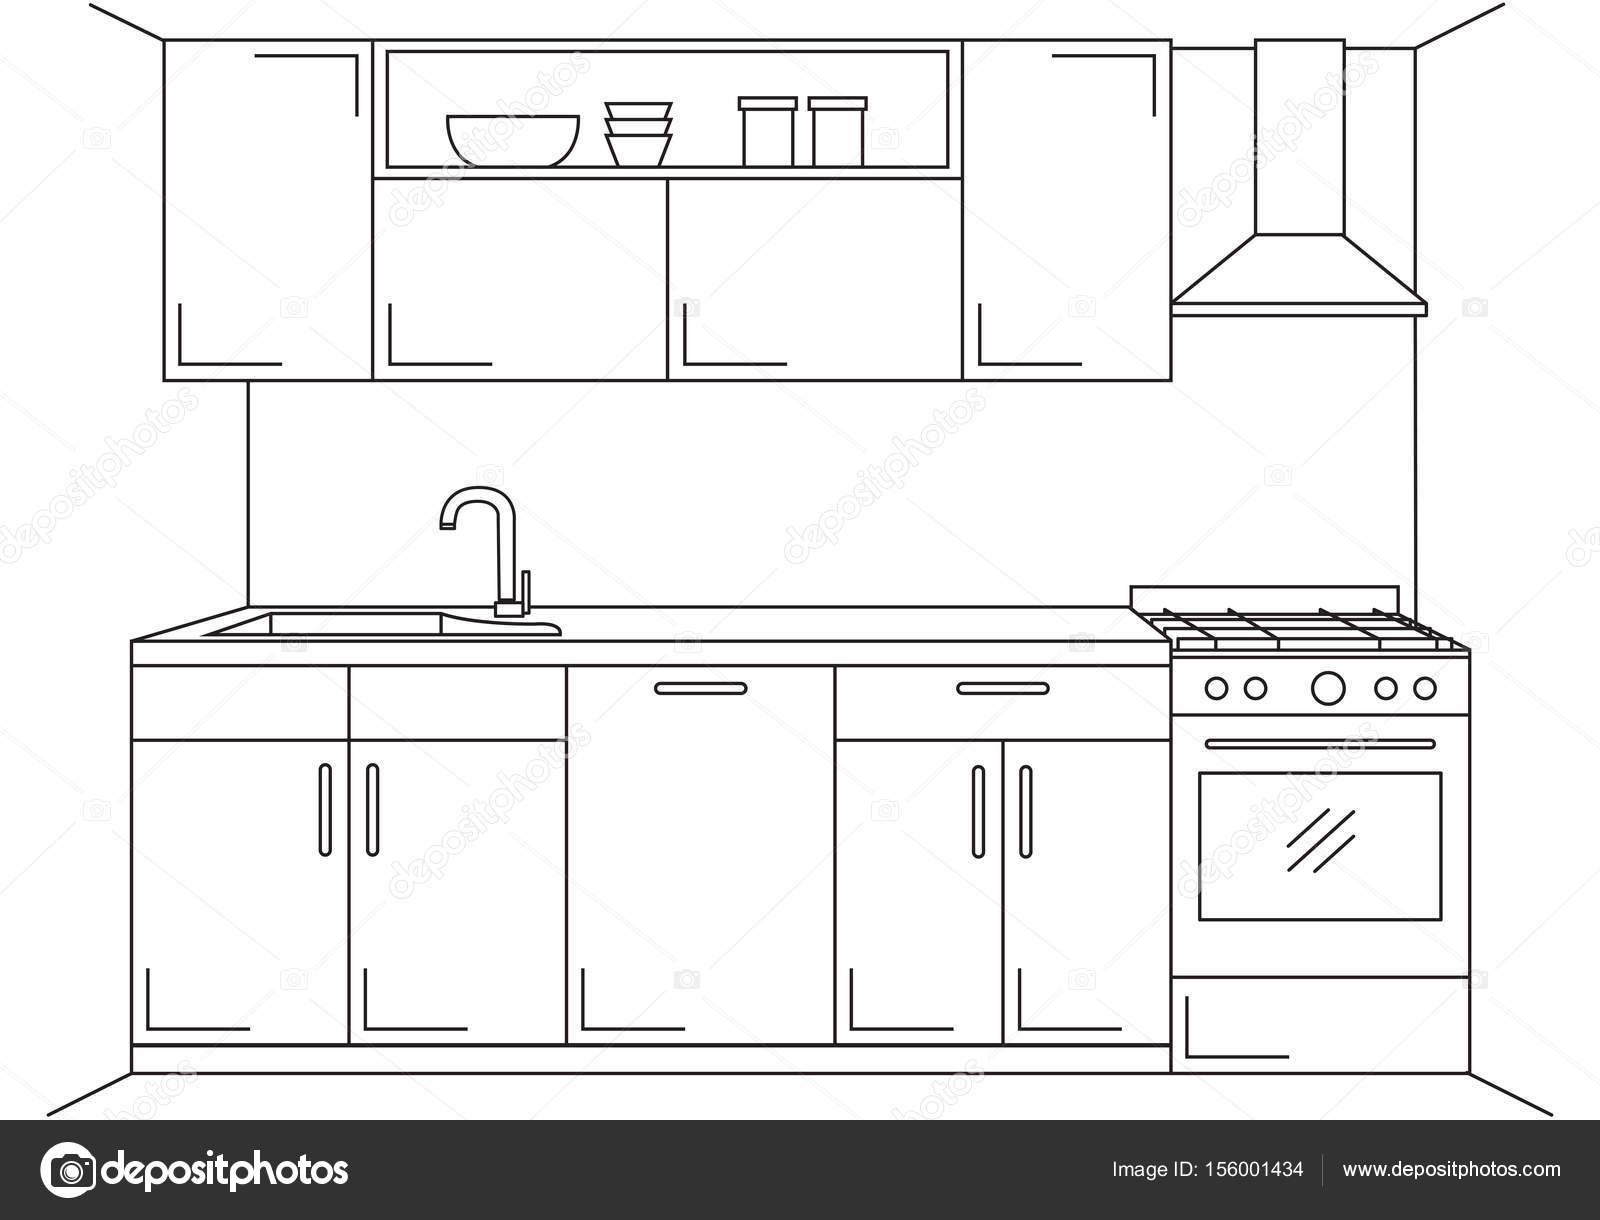 Cucina moderna. Mobili cucina con lavello, piano cottura e cappa ...